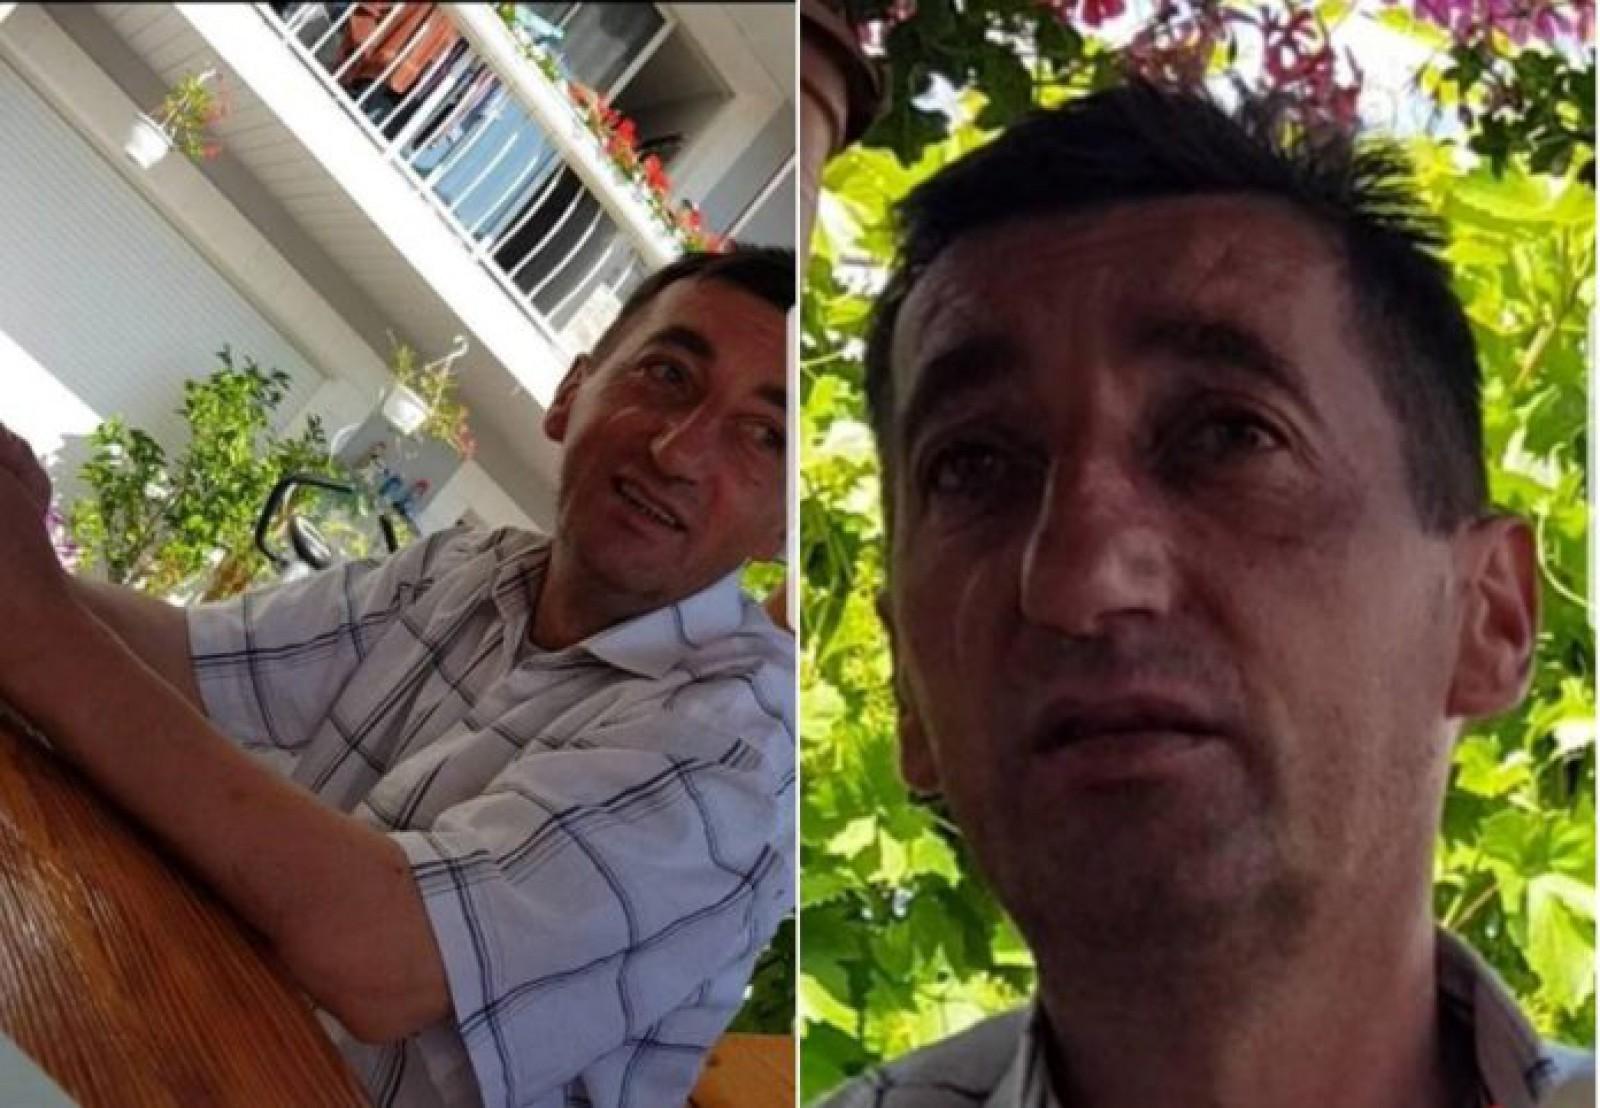 Franța: Un moldovean a dispărut în orașul Pierrefitte-sur-Seine